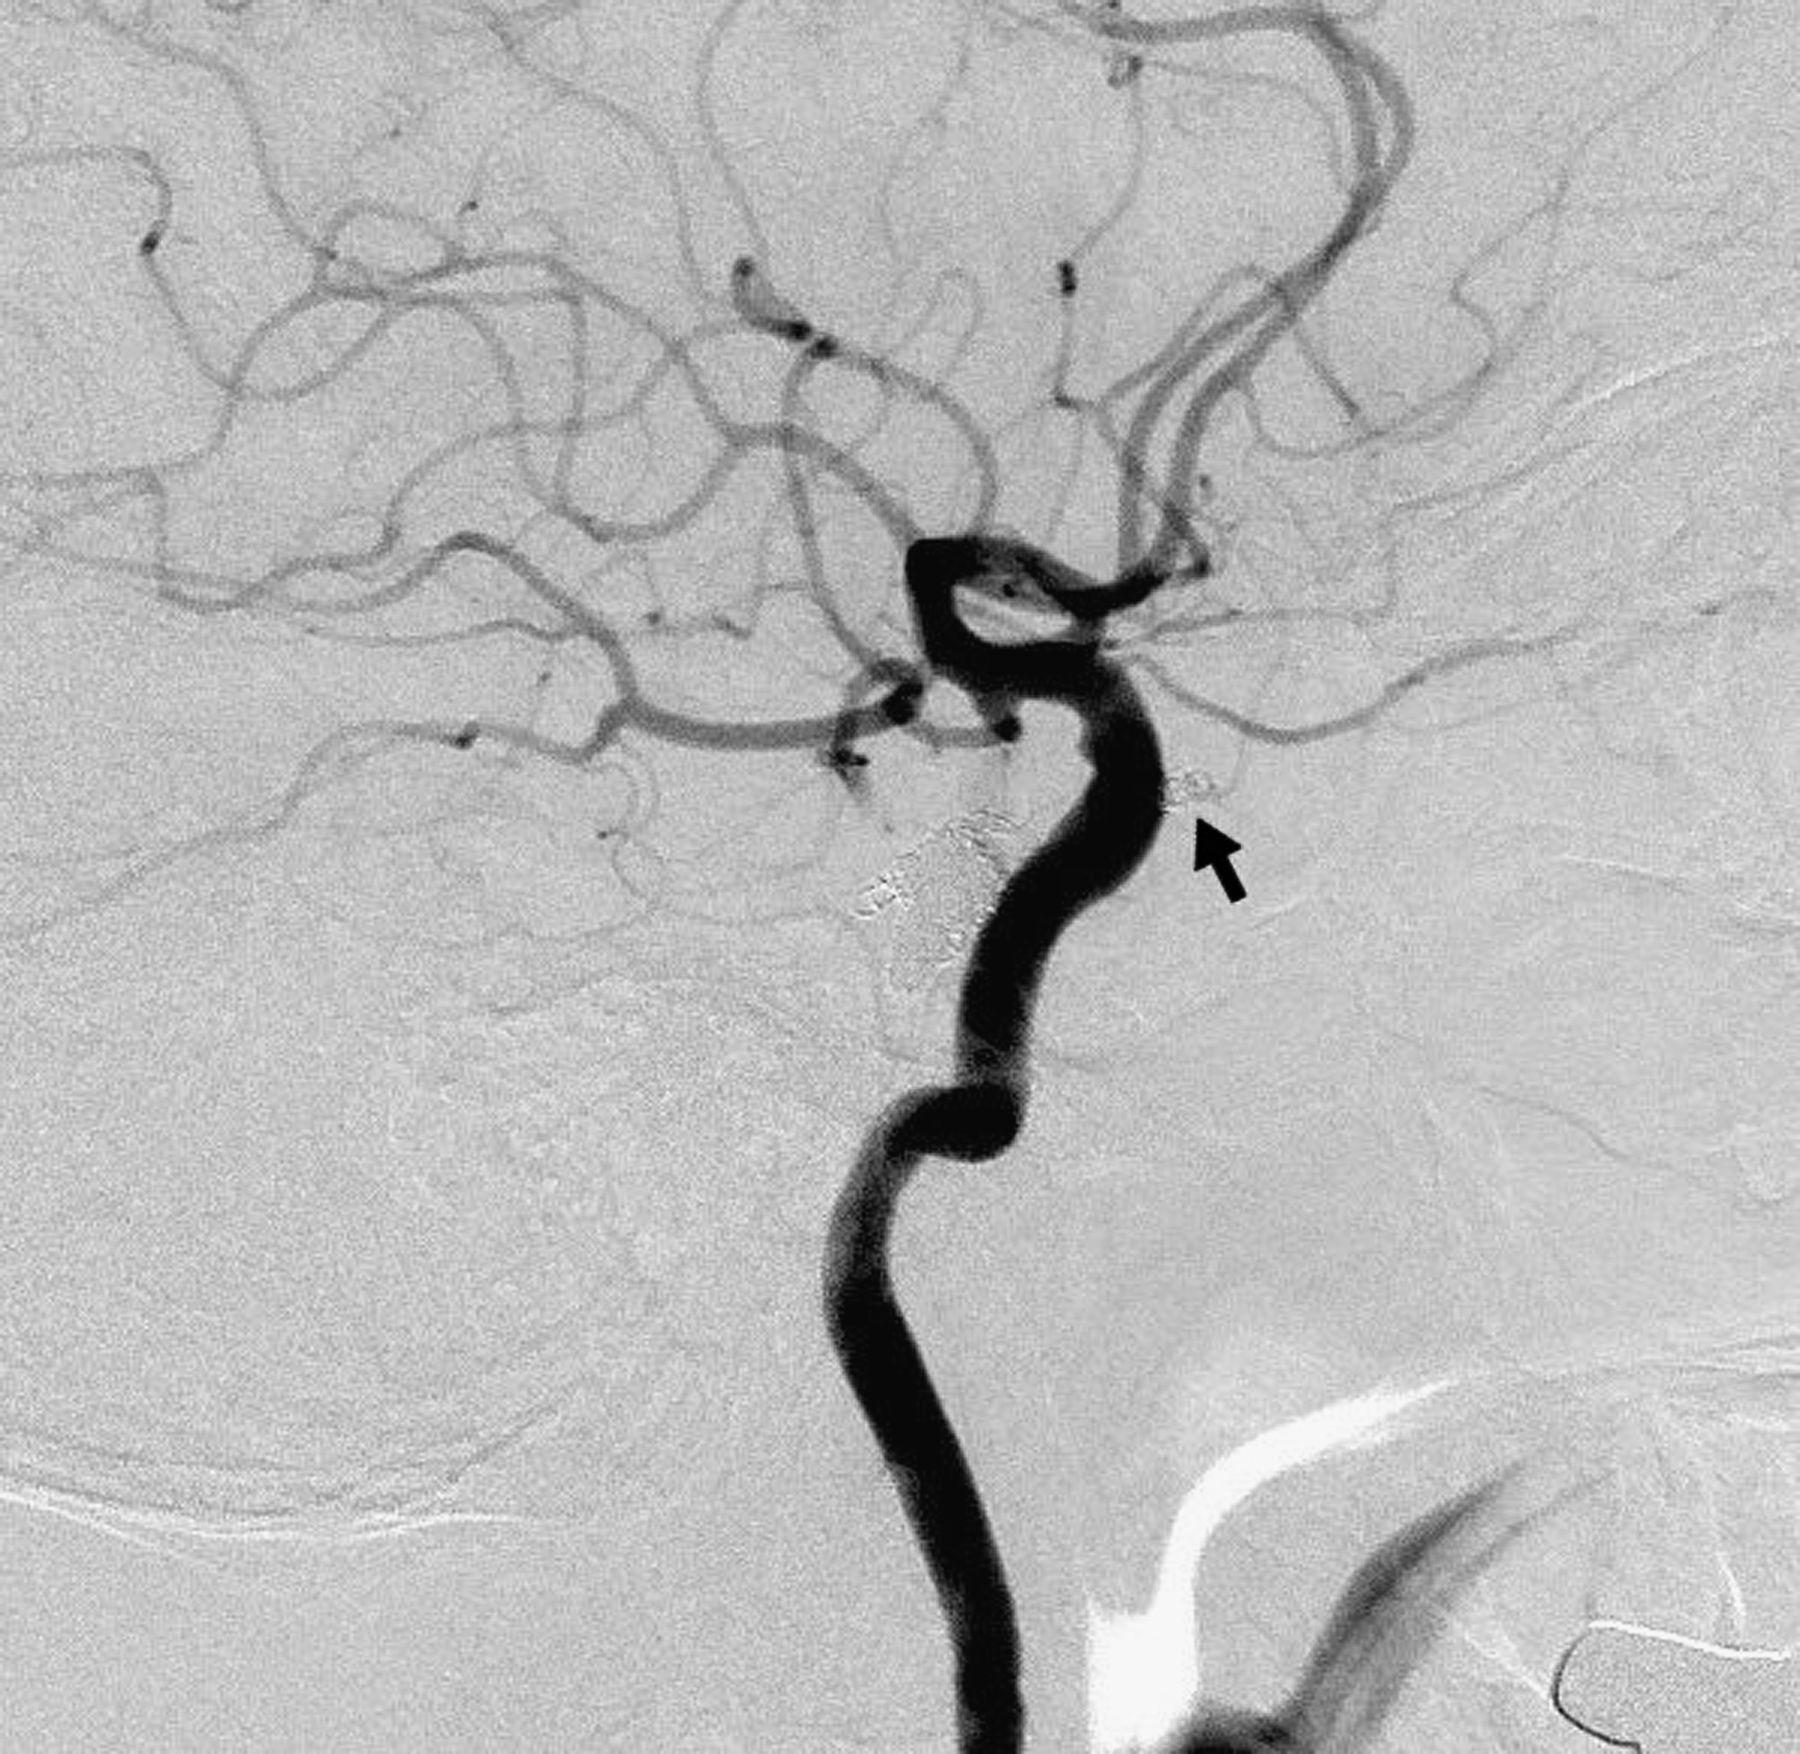 Transorbital Direct Puncture Of The Posterior Cavernous Sinus